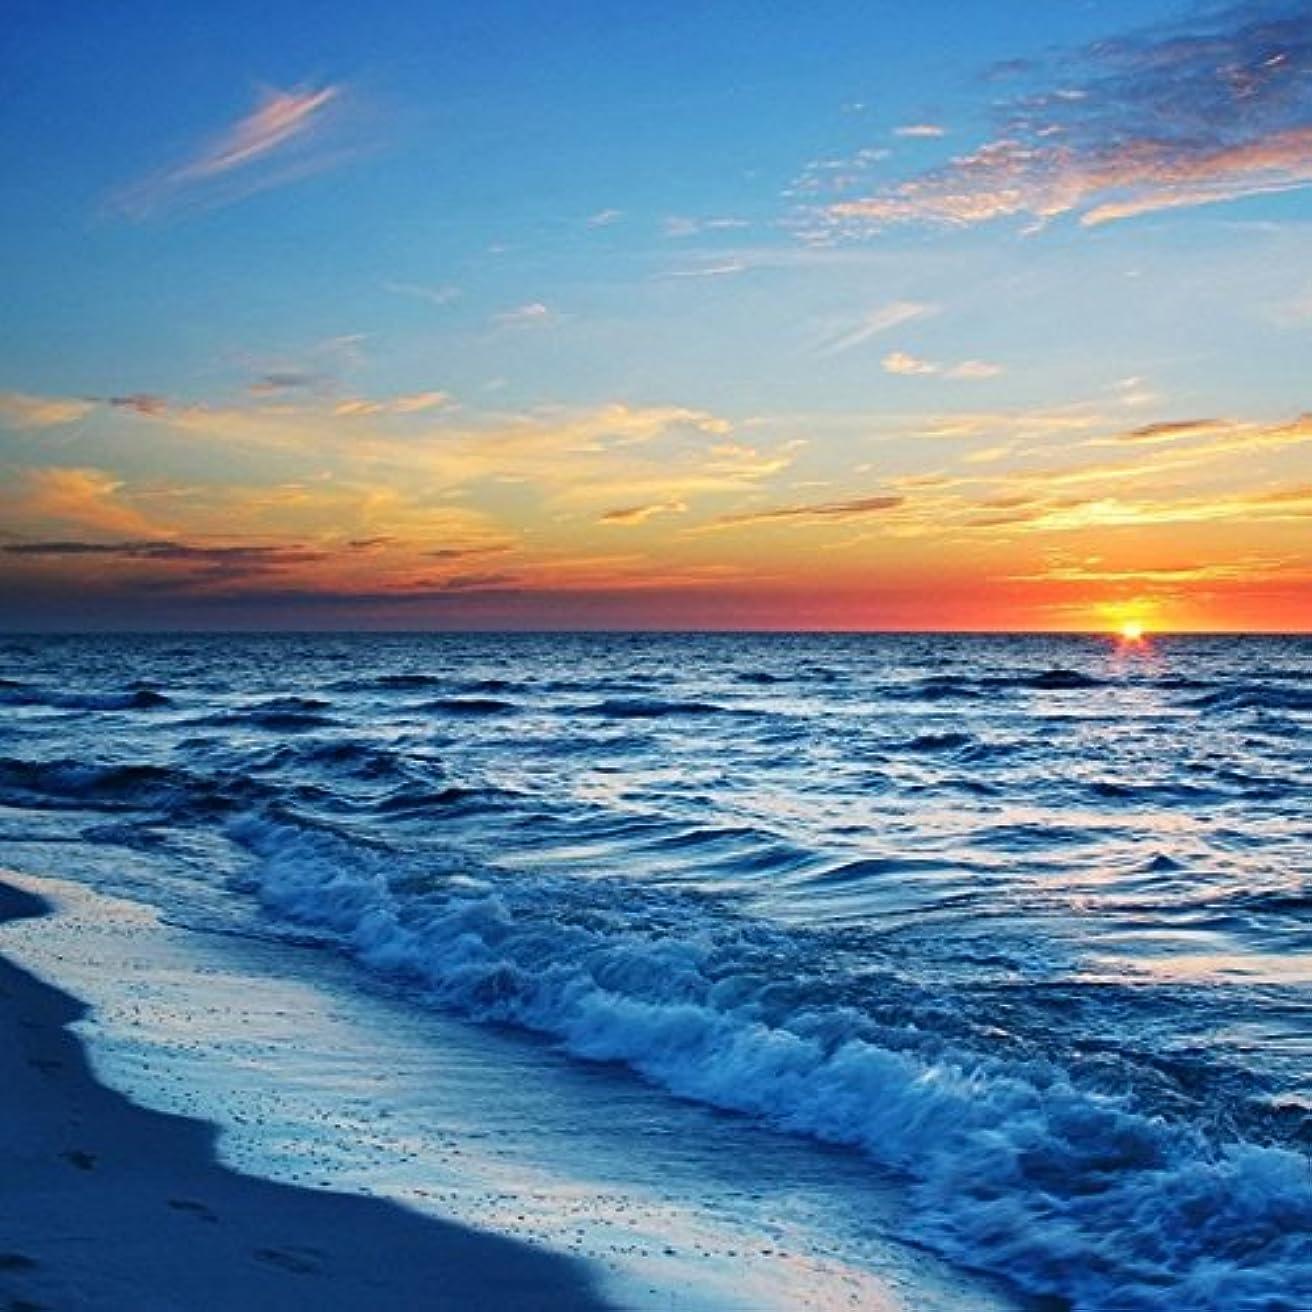 ボタン保守可能派生するアロマフレグランスオイル シーブリーズ(Sea Breeze)